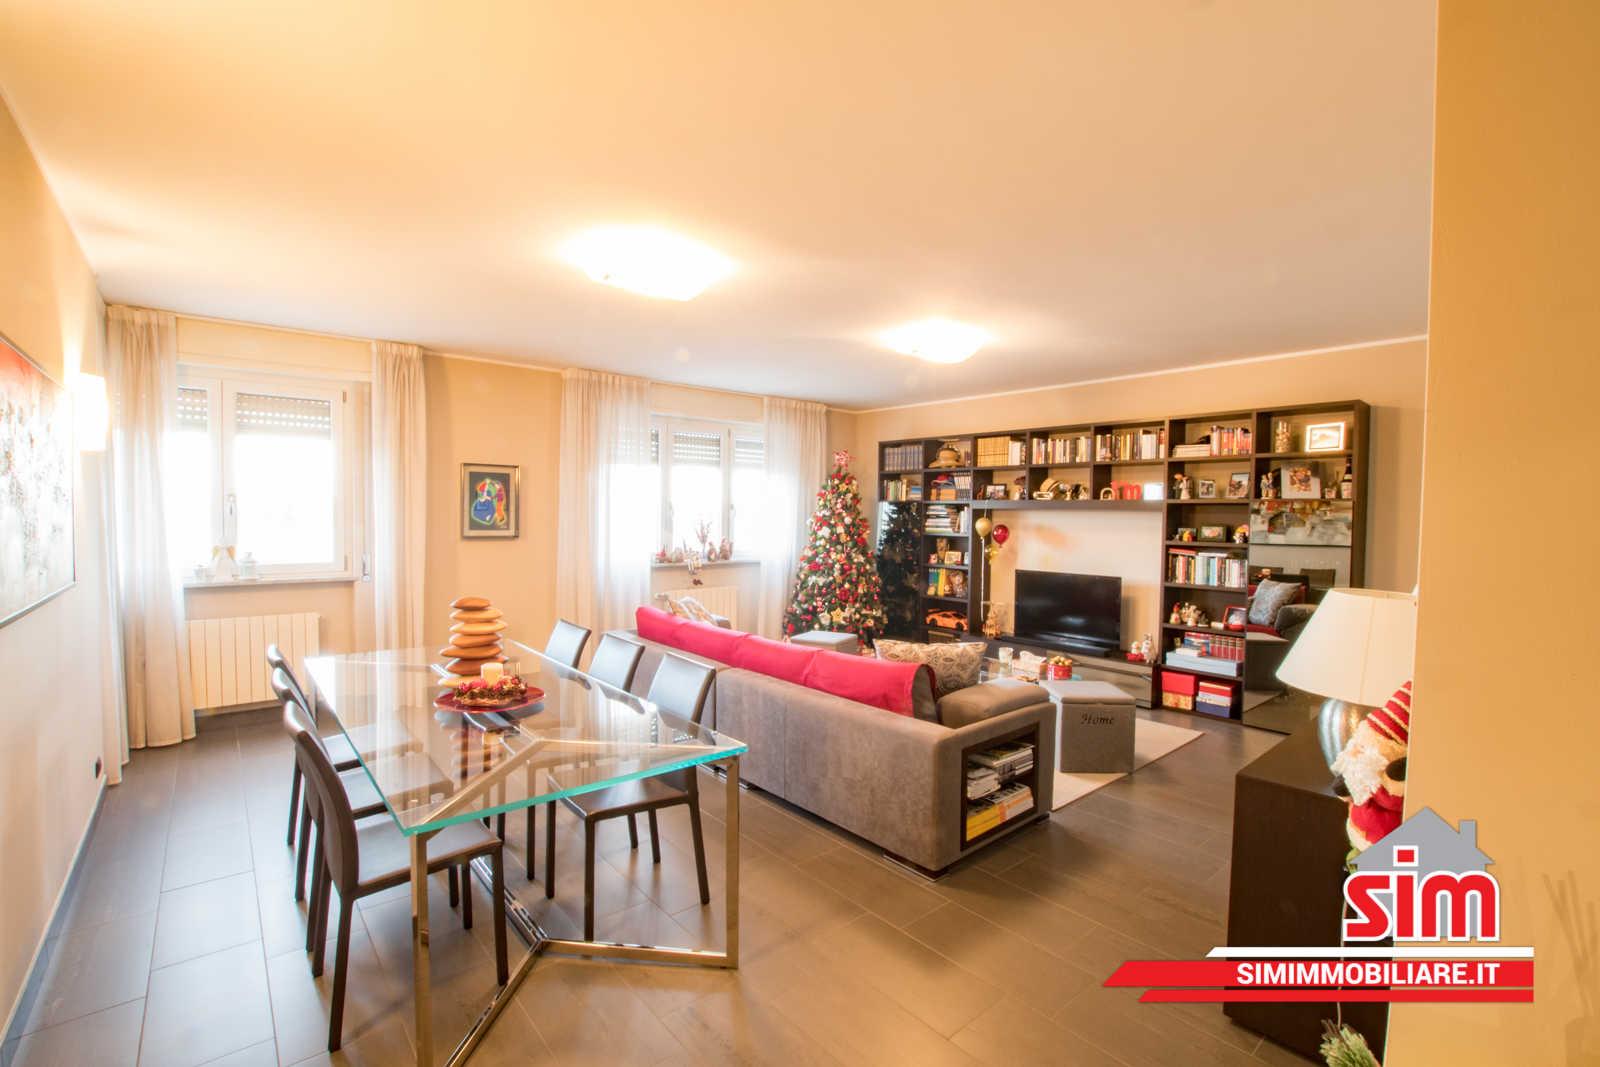 Casa incentivi interesting excellent simple great prima for Prima casa e abitazione principale